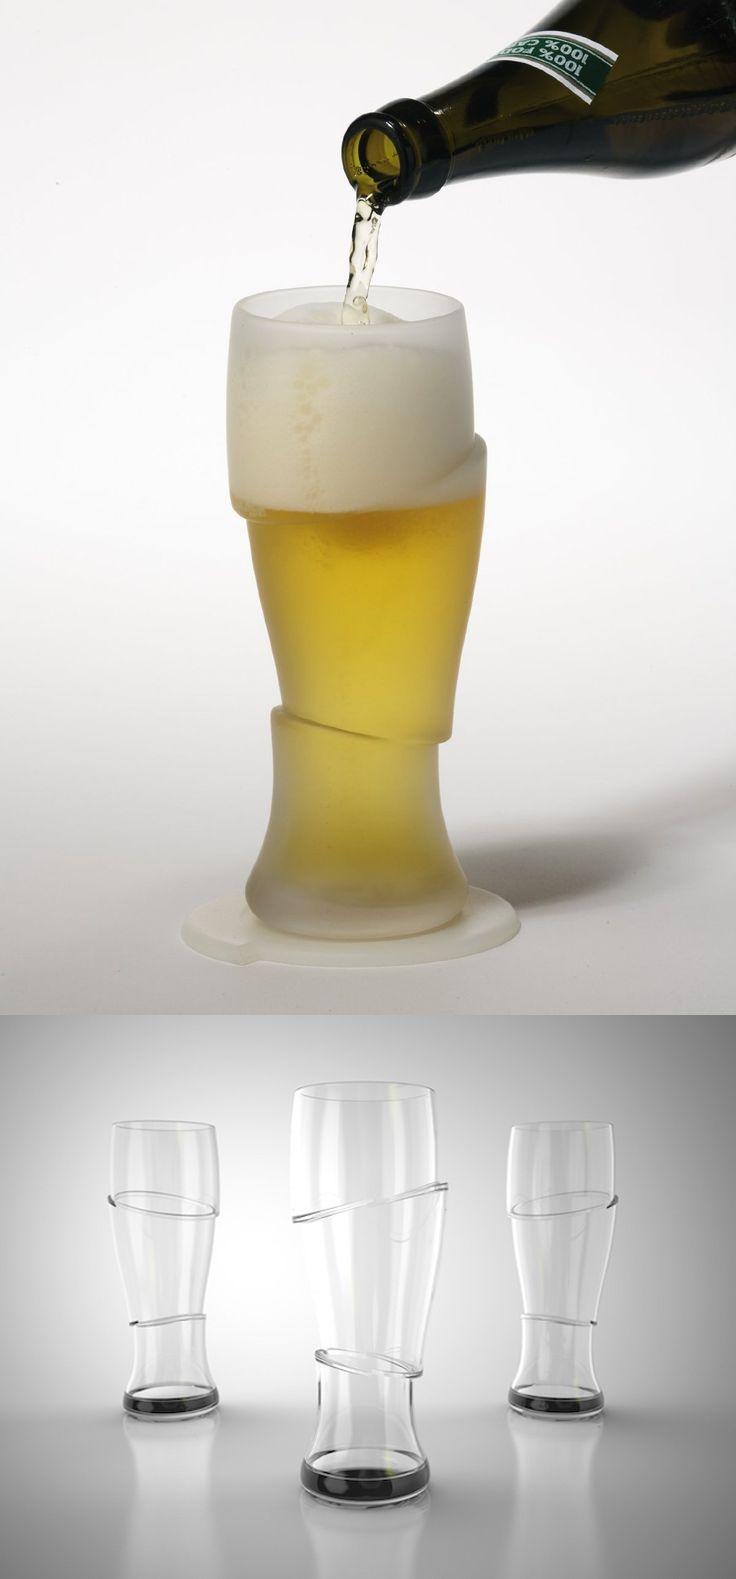 Sliced Cold Beer Glasses (1)